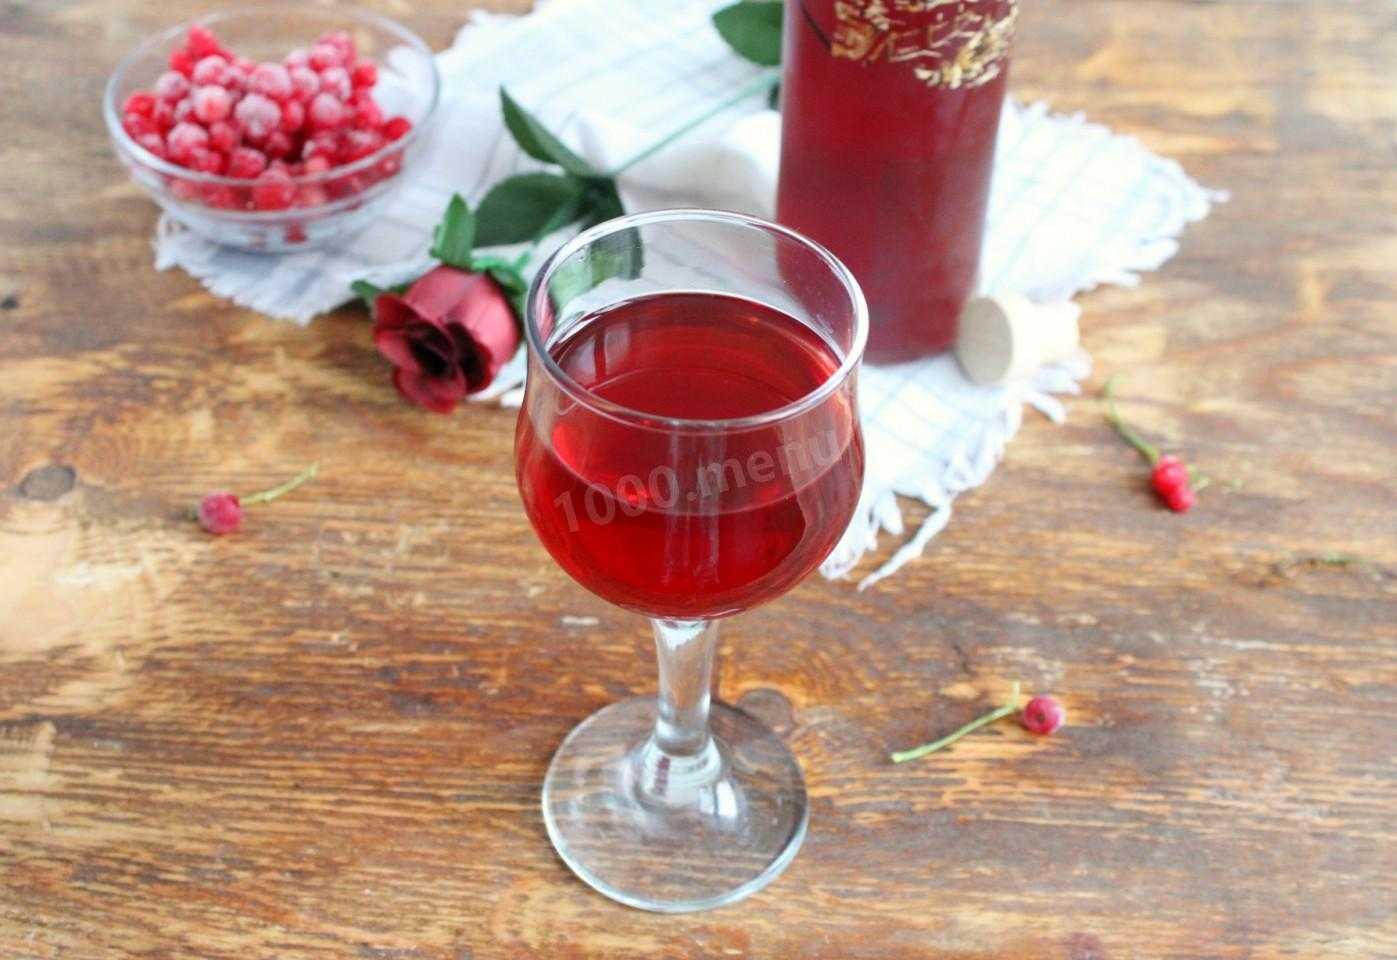 Вино из белой смородины: простые рецепты приготовления вина в домашних условиях на дрожжах и без них, польза и вред напитка и правила его хранения